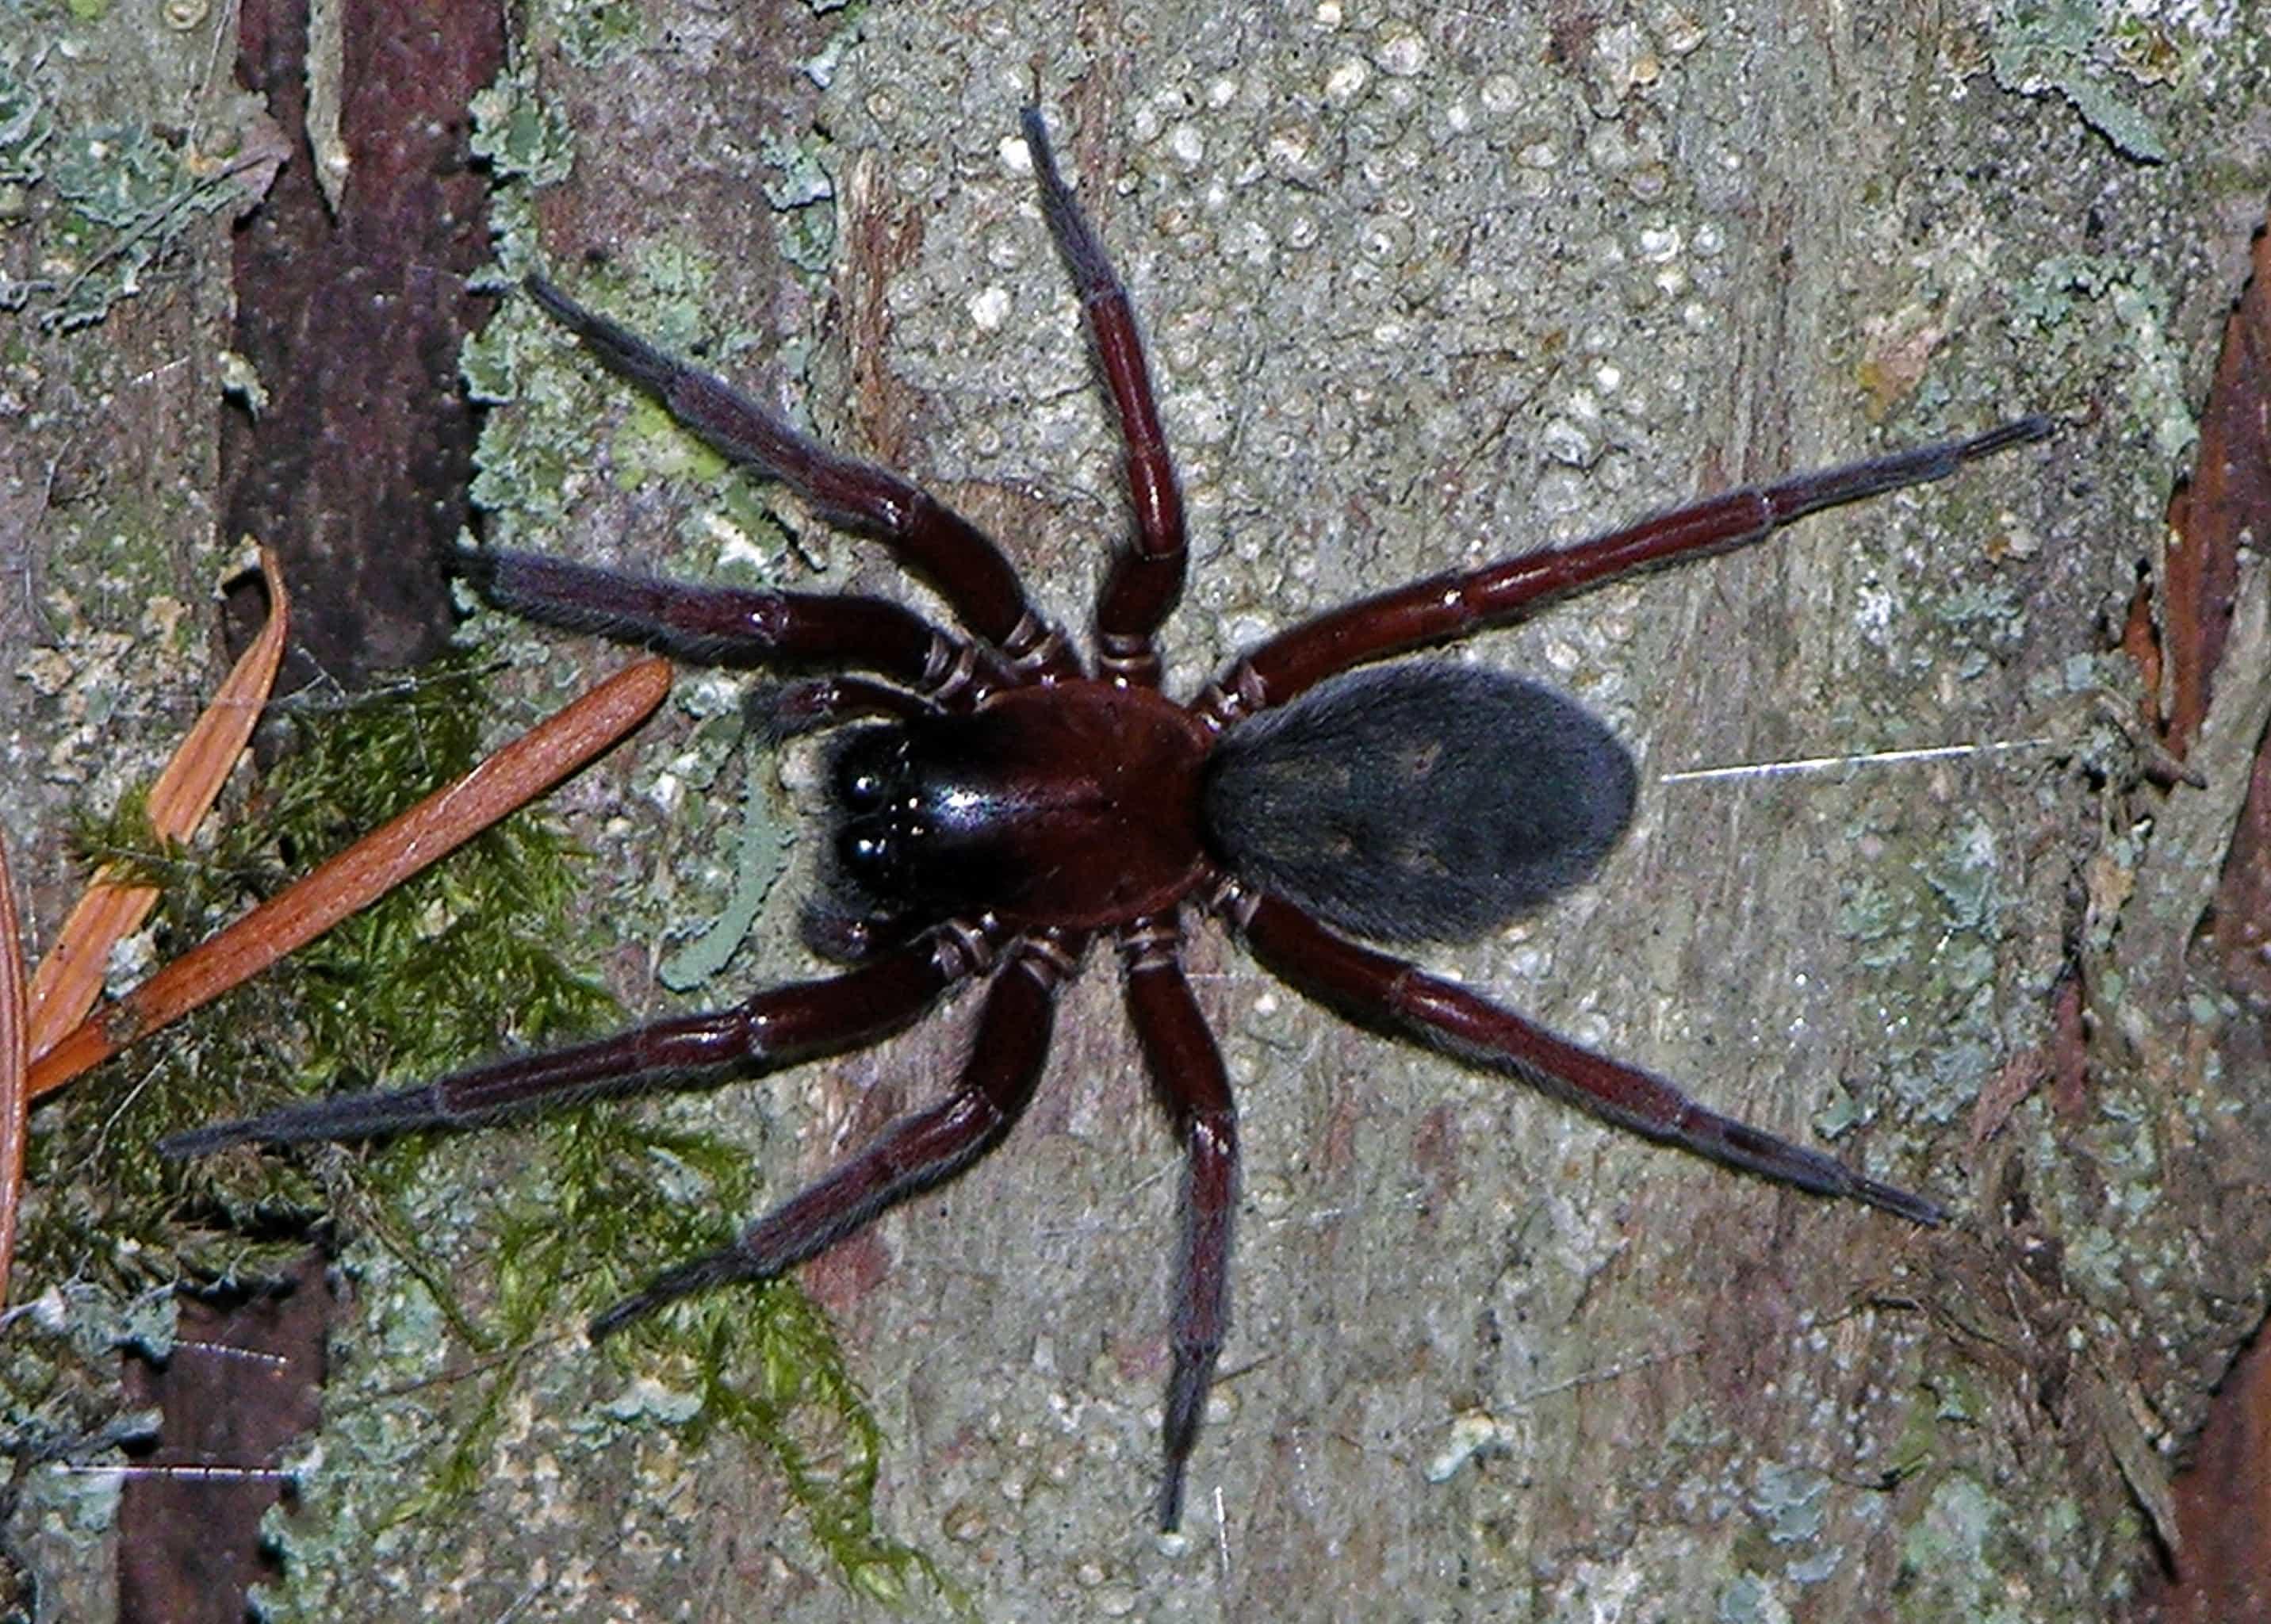 Picture of Callobius severus - Female - Dorsal